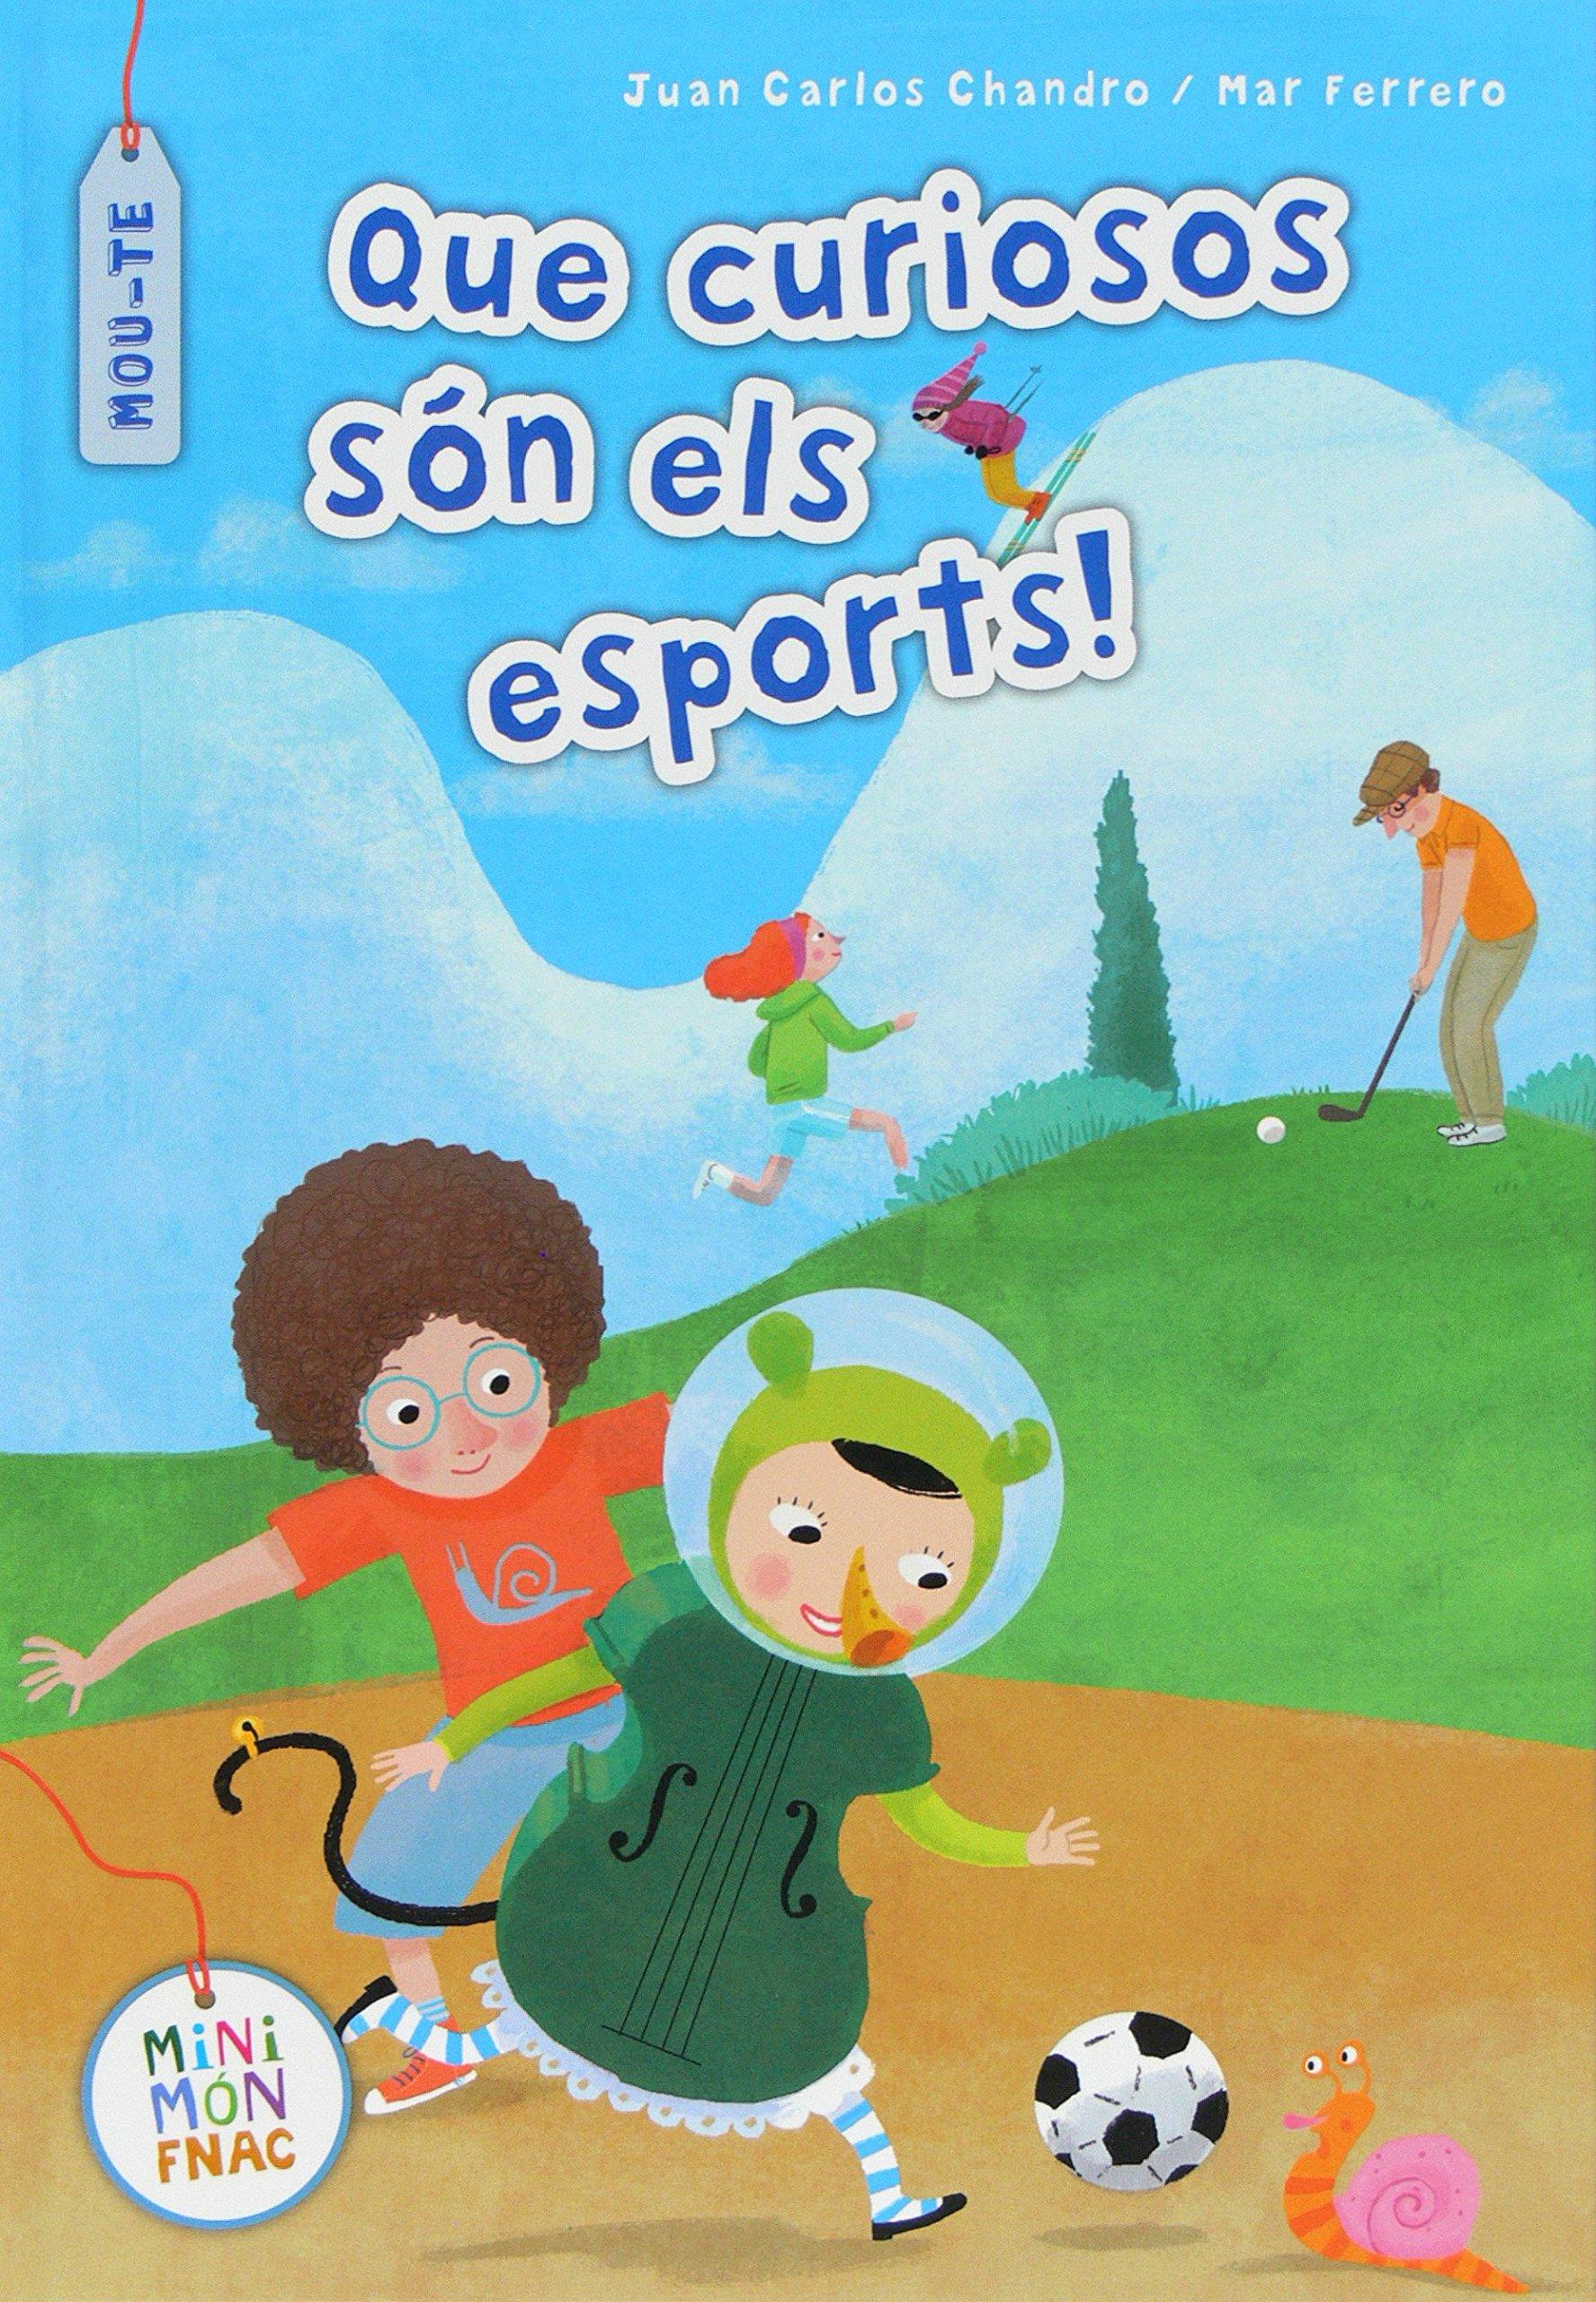 Que curiosos són els esports! (Mini Mundo Fnac): Amazon.es: Juan Carlos Chandro Ramírez, María del Mar Ferrero, Coral Romà i Garcia: Libros